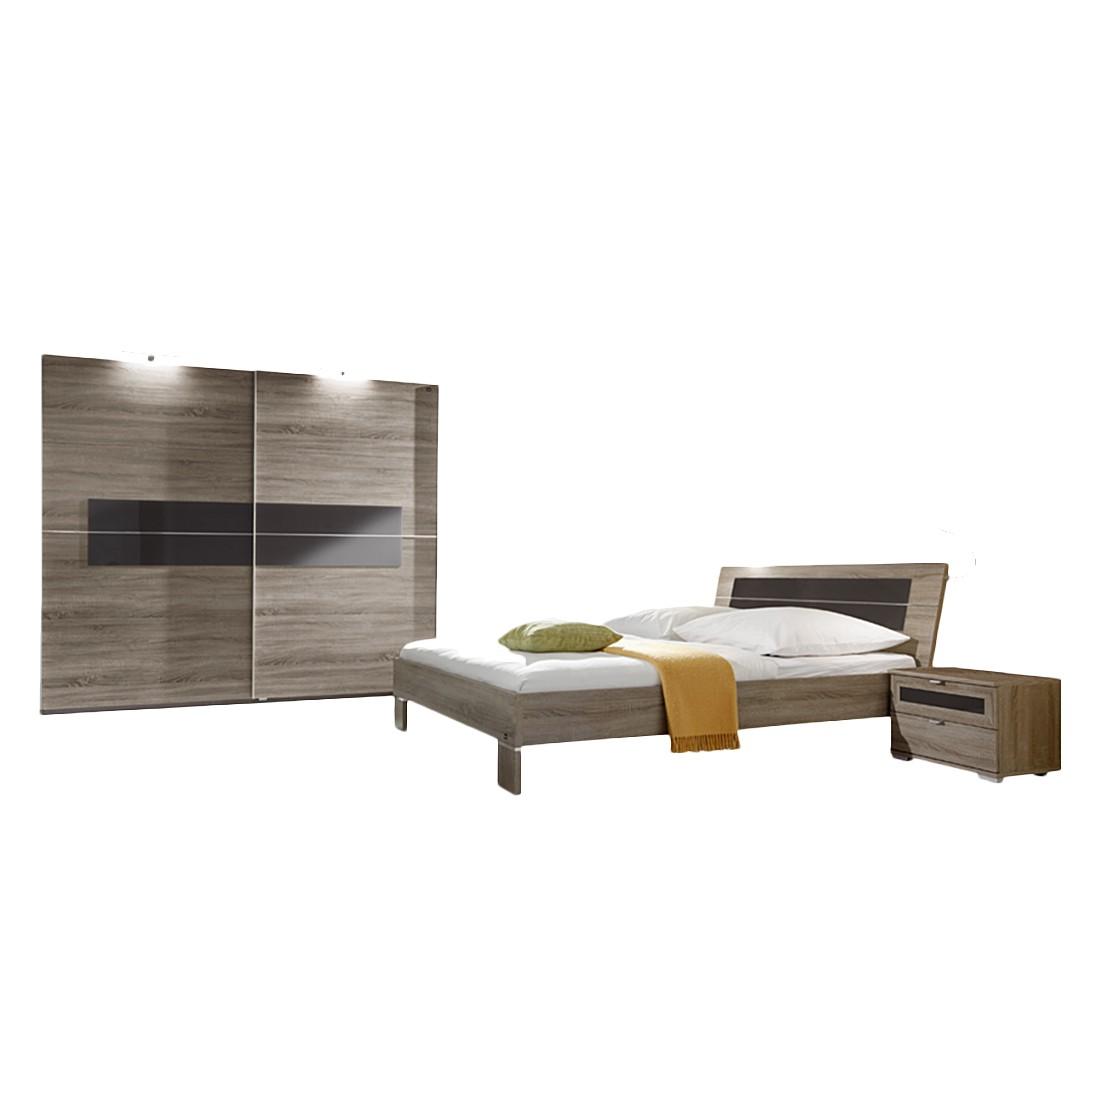 Schlafzimmer Komplettset Zoreca (4-teilig) – Eiche Dekor/Braun – 002 – Ausführung: Ausführung 2, Star Möbel jetzt bestellen